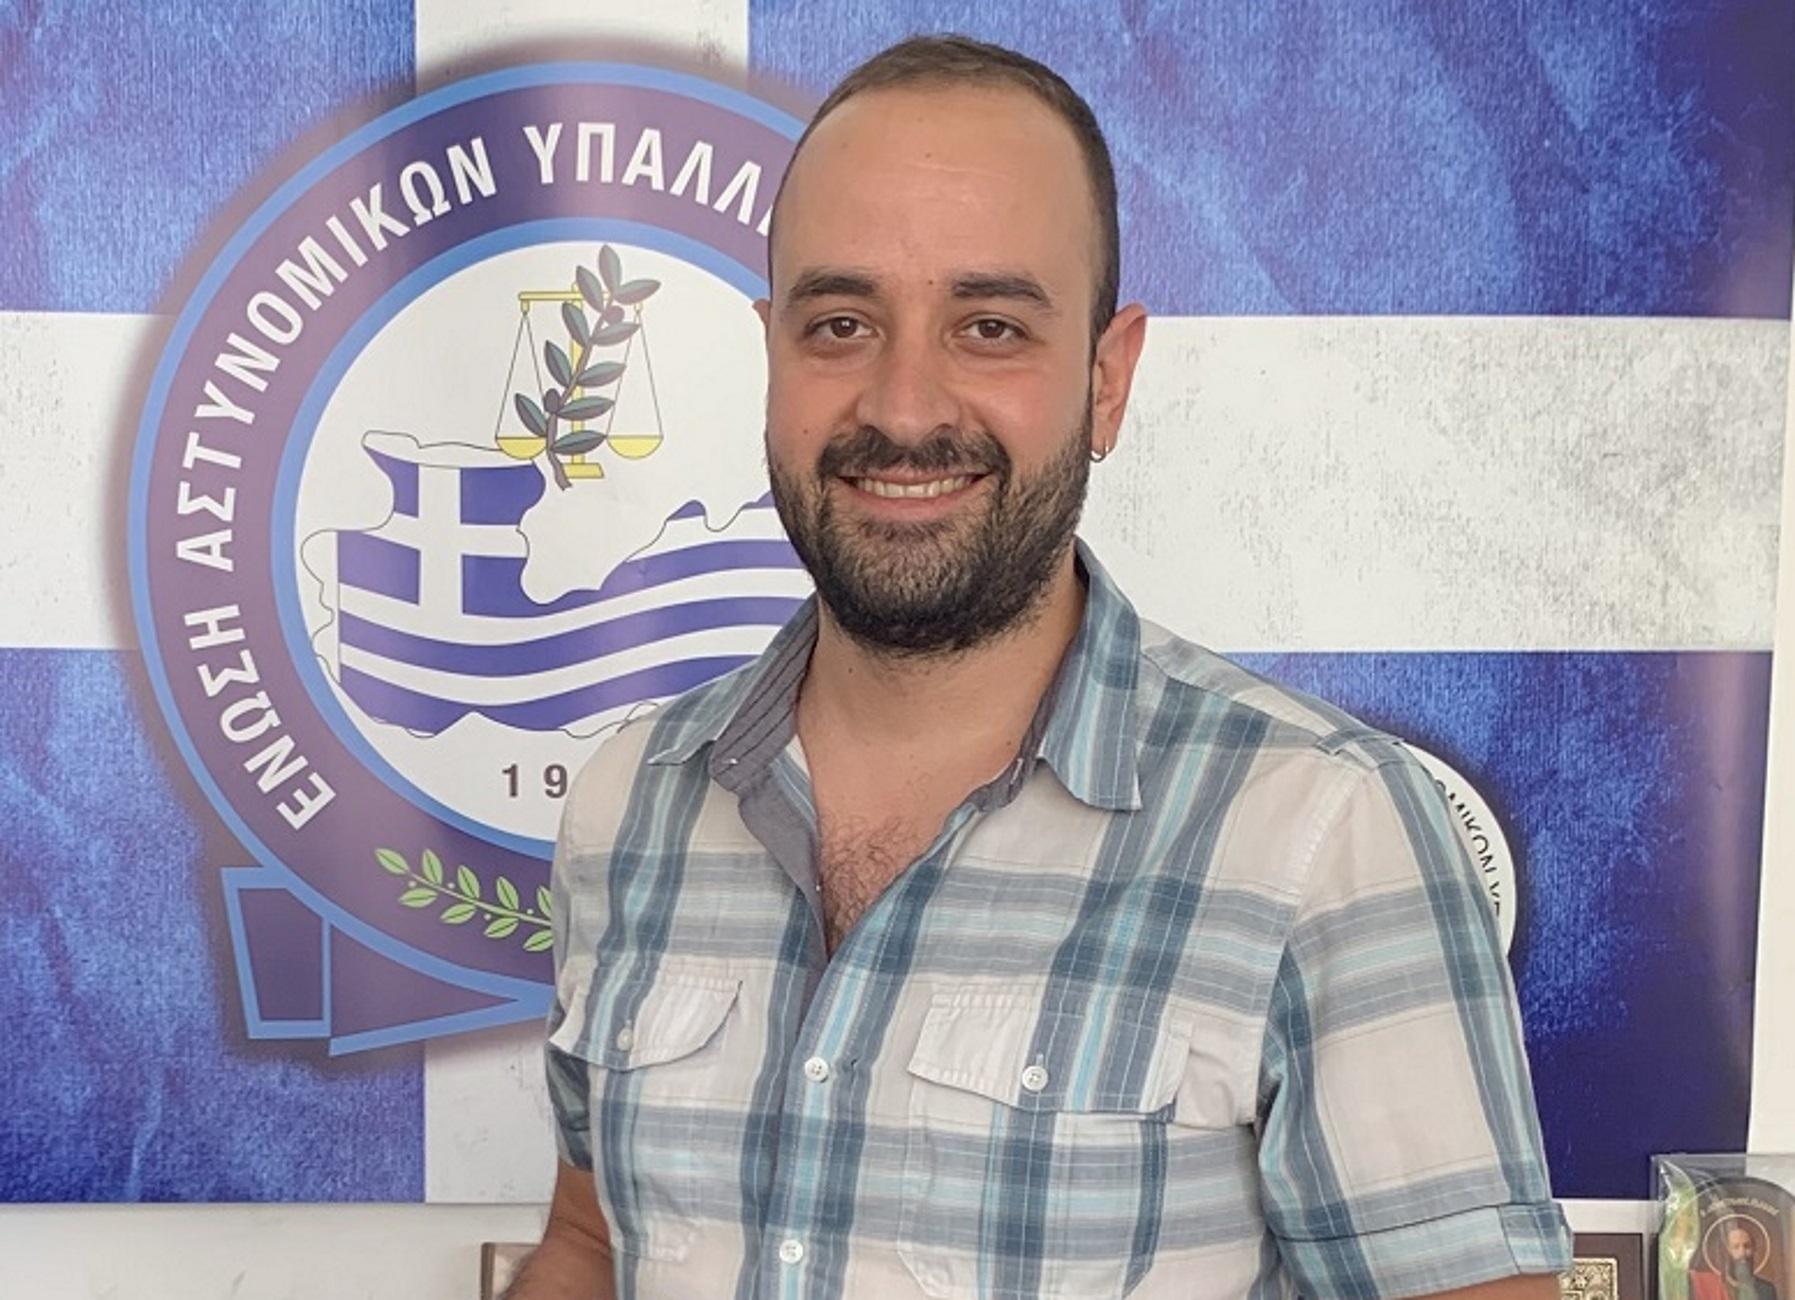 """Κρήτη: Αυτός είναι ο αστυνομικός που σάρωσε στις Πανελλήνιες! """"Ανοίγεται ο δρόμος για τις ιατρικές σχολές"""""""